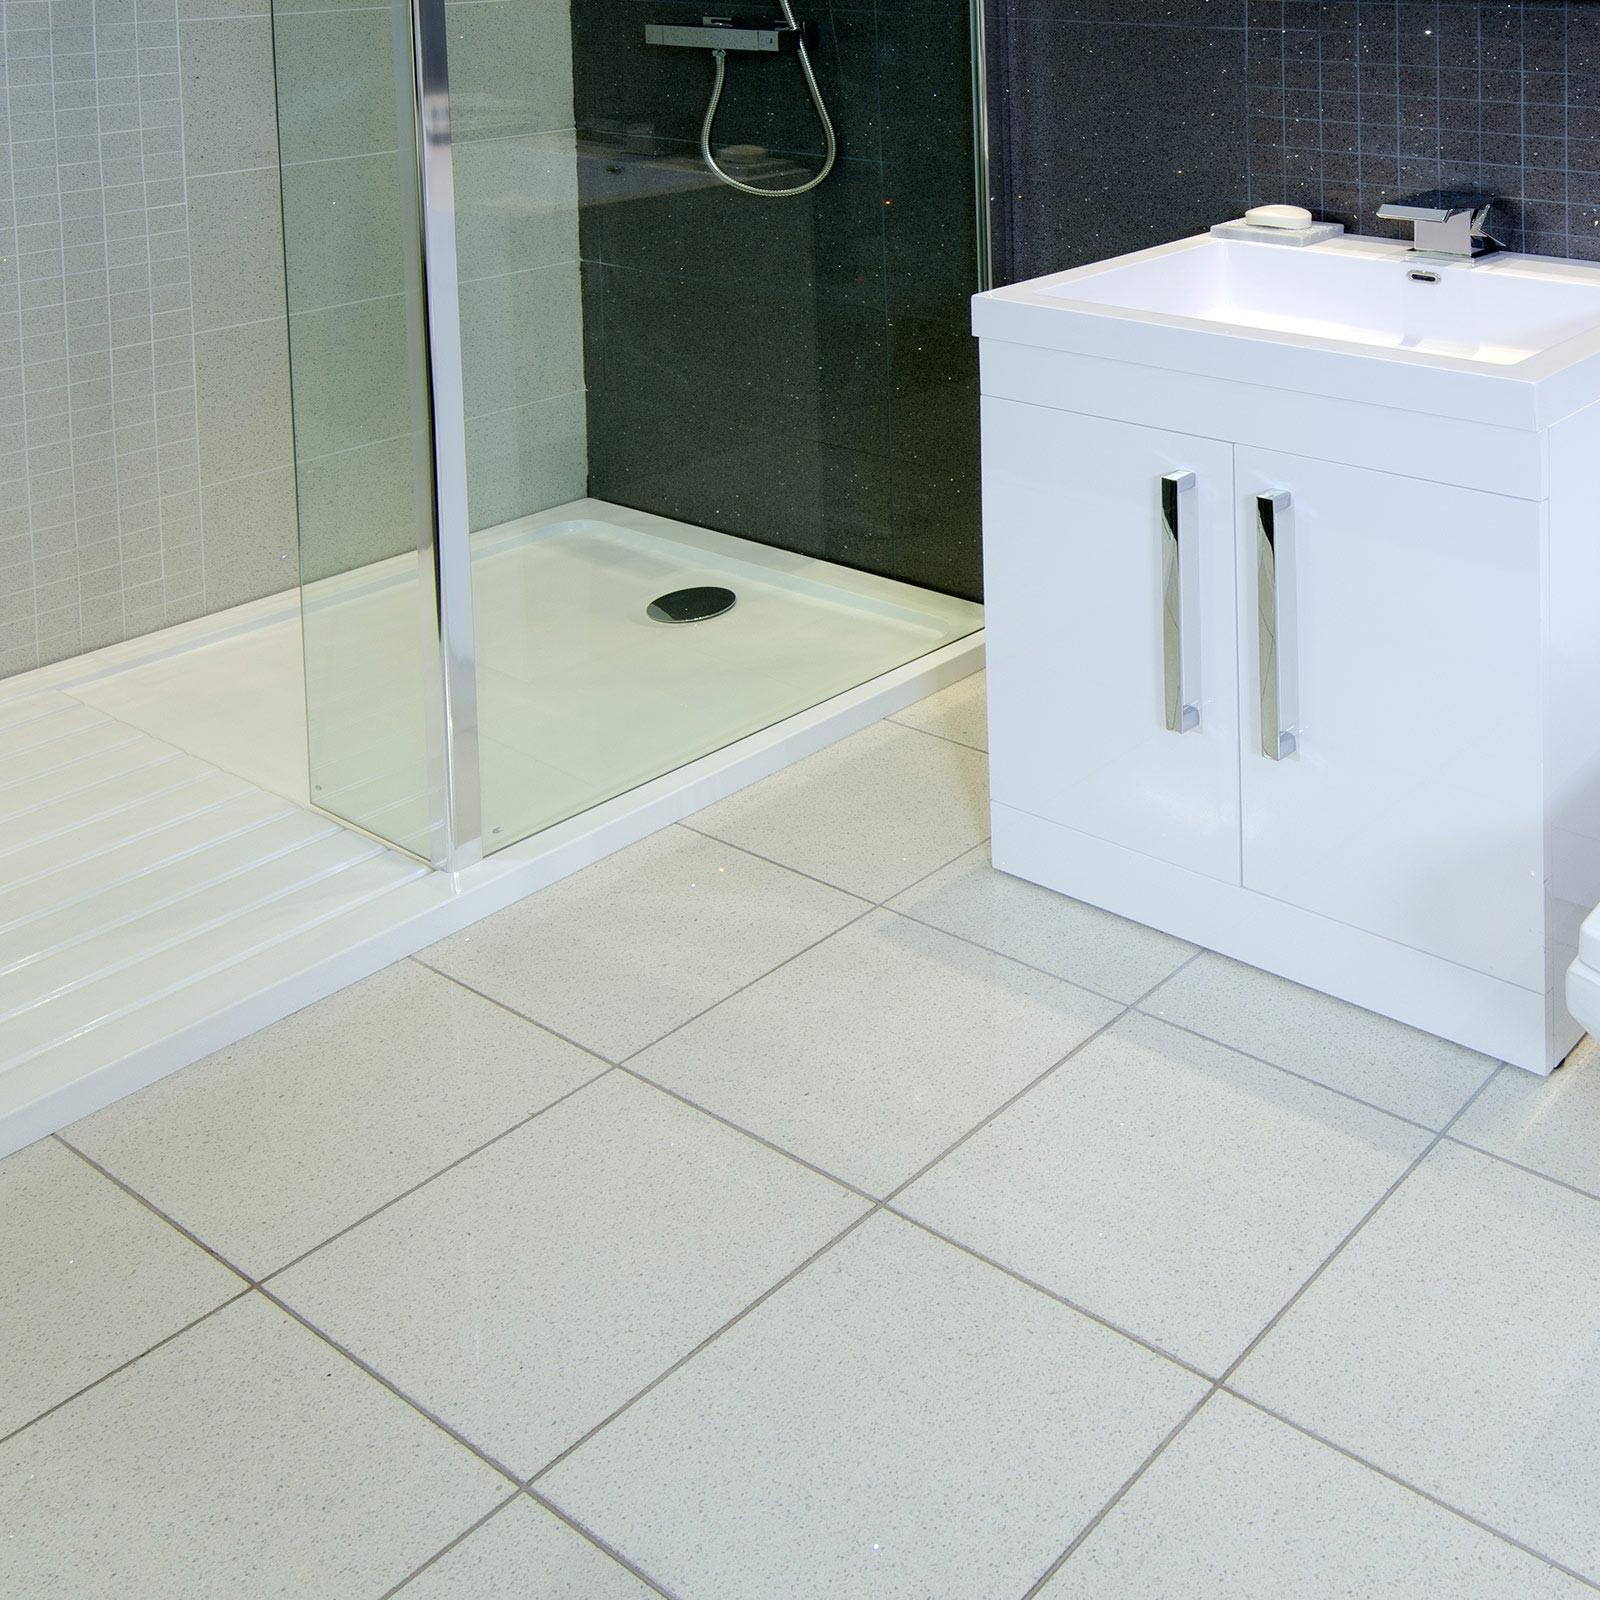 Full Size Bathroom Floor Tiles: Bathroom Floor Tile Ideas Bathroom Tile Image Gallery Bathroom IJKSDVY